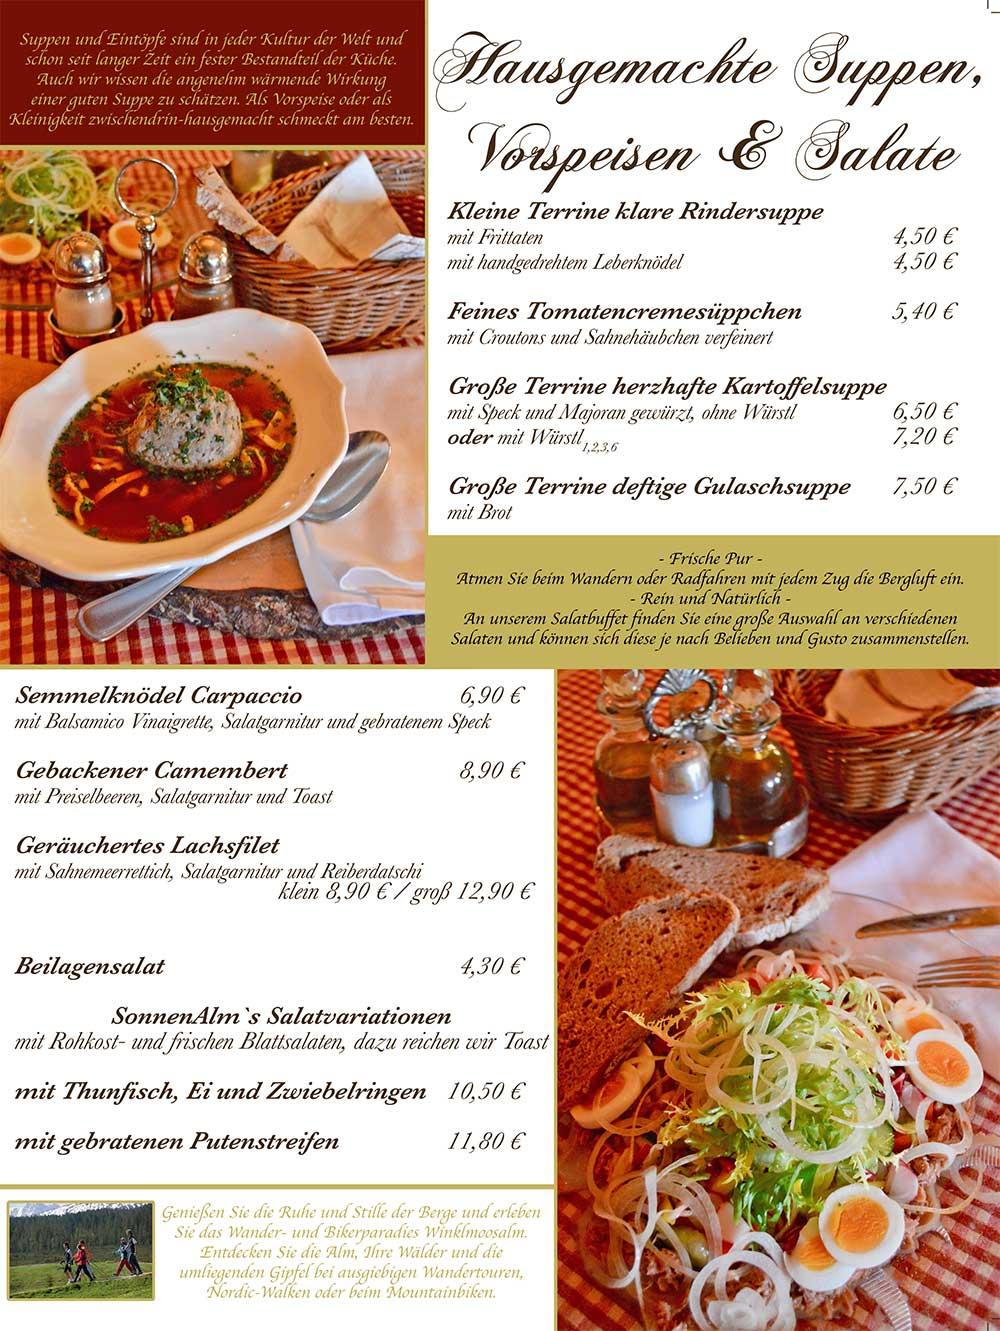 Speisekarte - Suppen, Vorspeisen, Salate